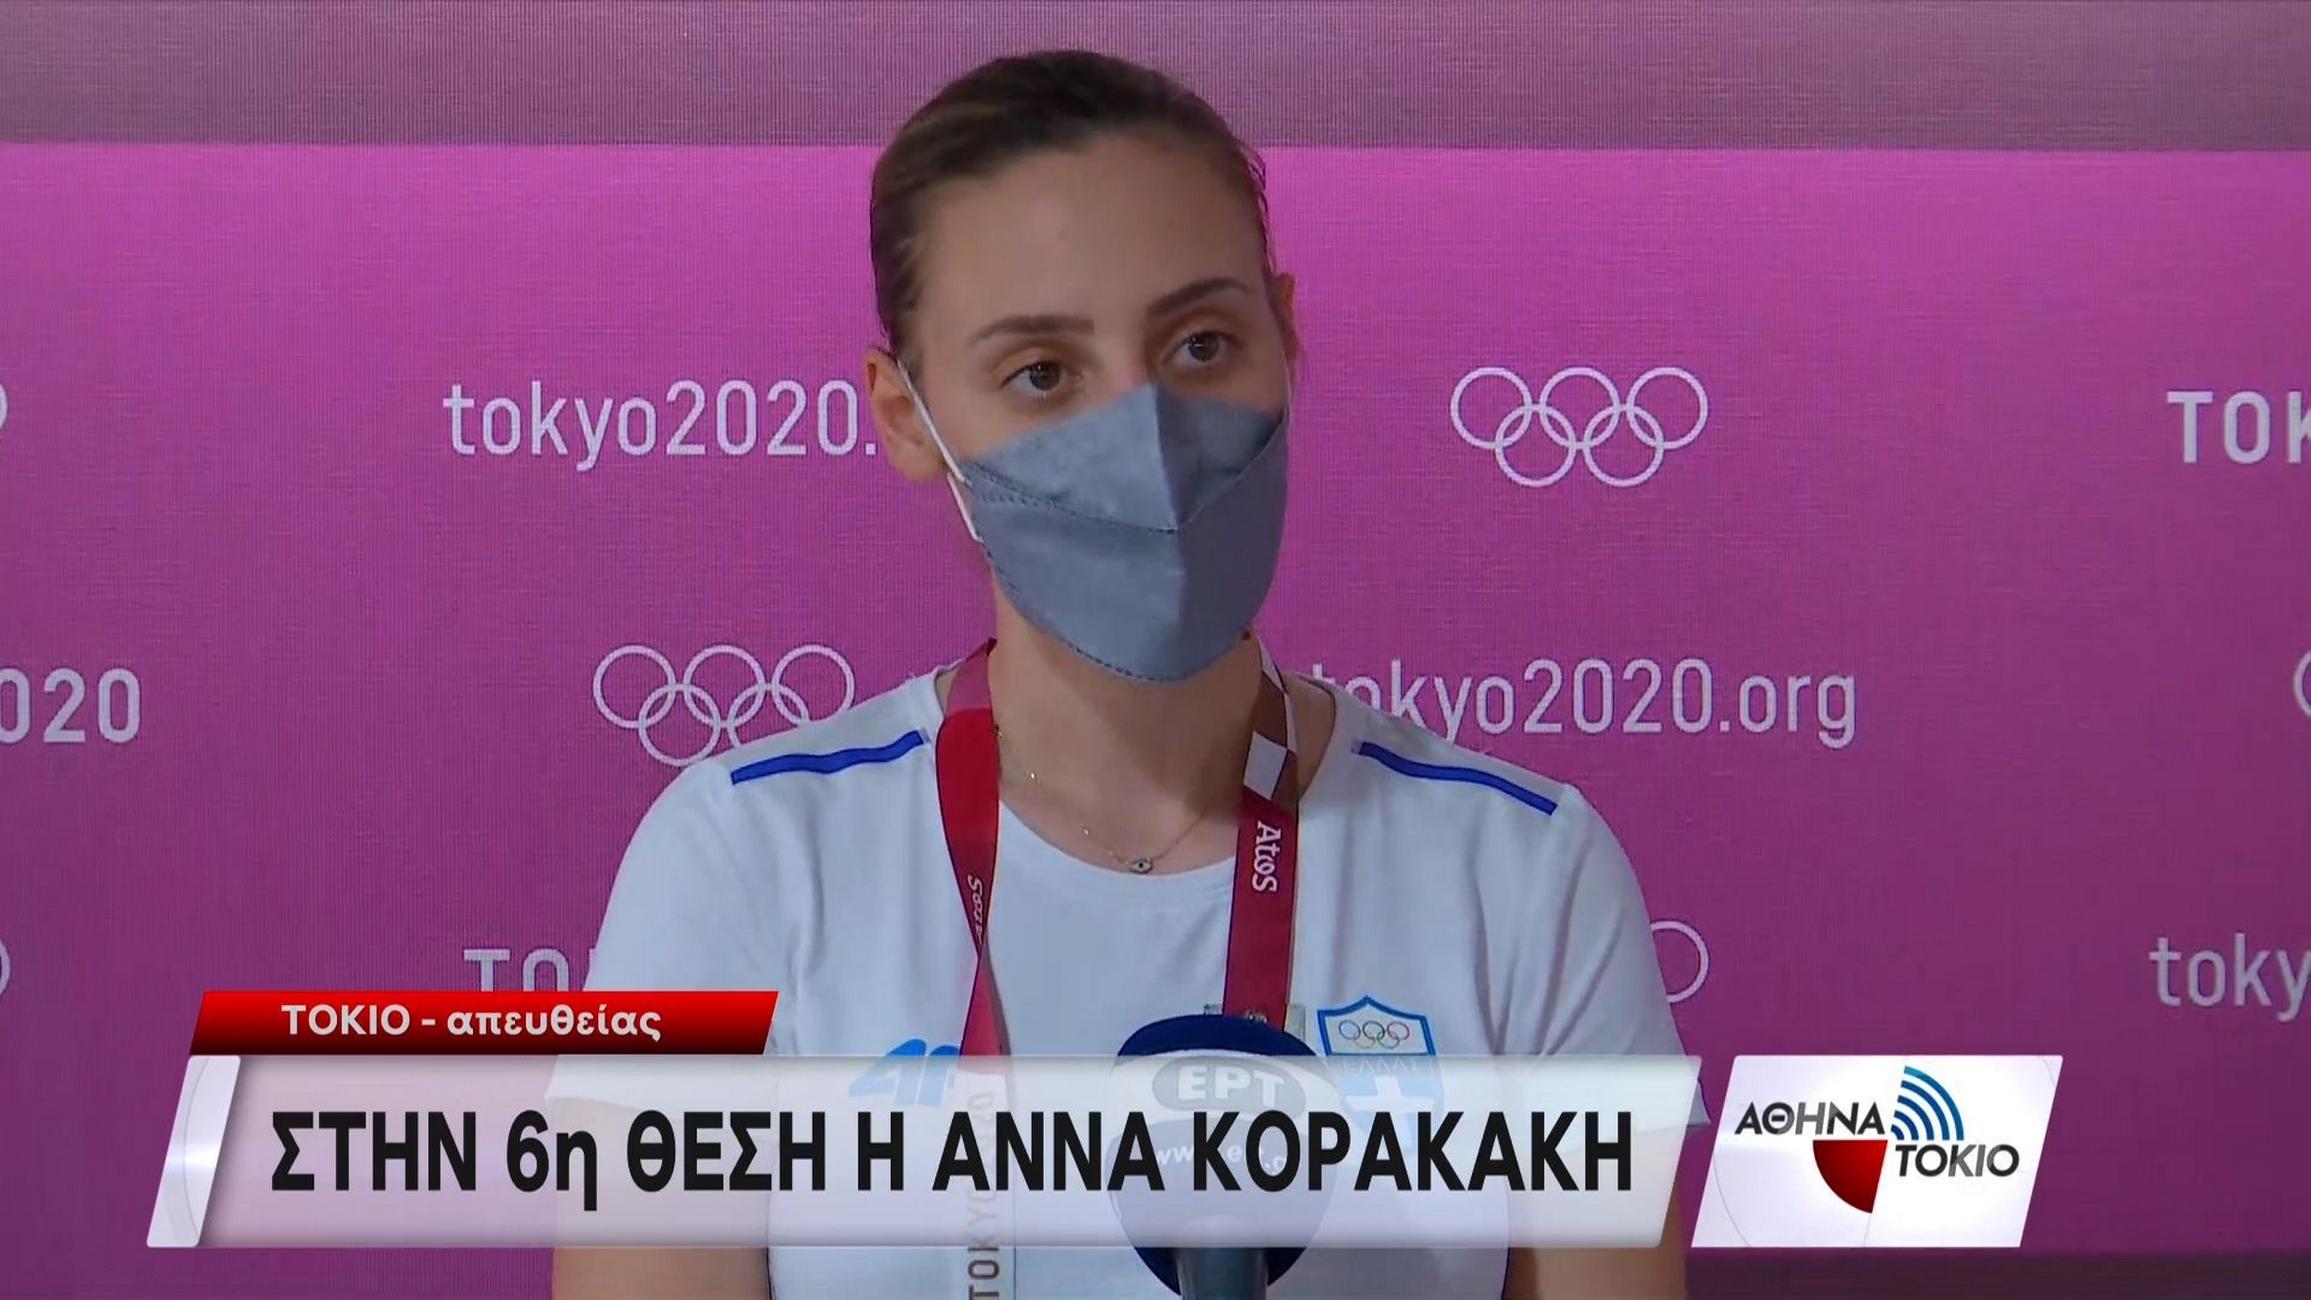 Ολυμπιακοί Αγώνες – Άννα Κορακάκη: «Νιώθω καταξιωμένη, ήμουν καθαρά άτυχη»